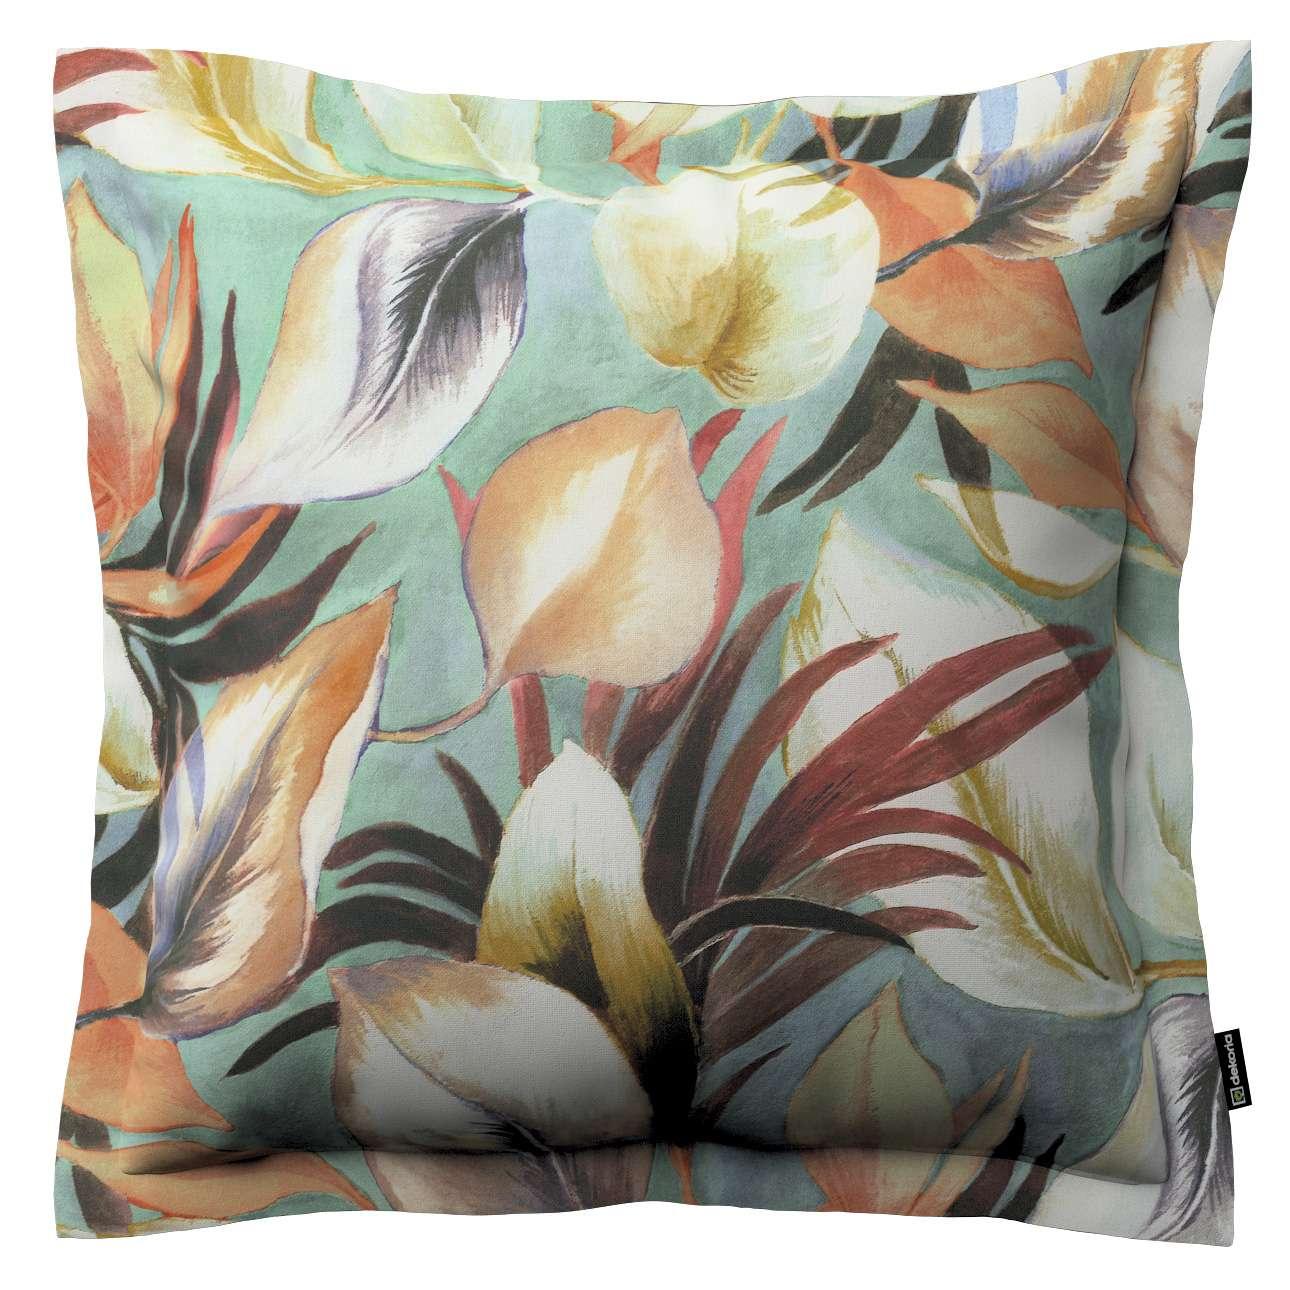 Poszewka Mona na poduszkę w kolekcji Abigail, tkanina: 143-61